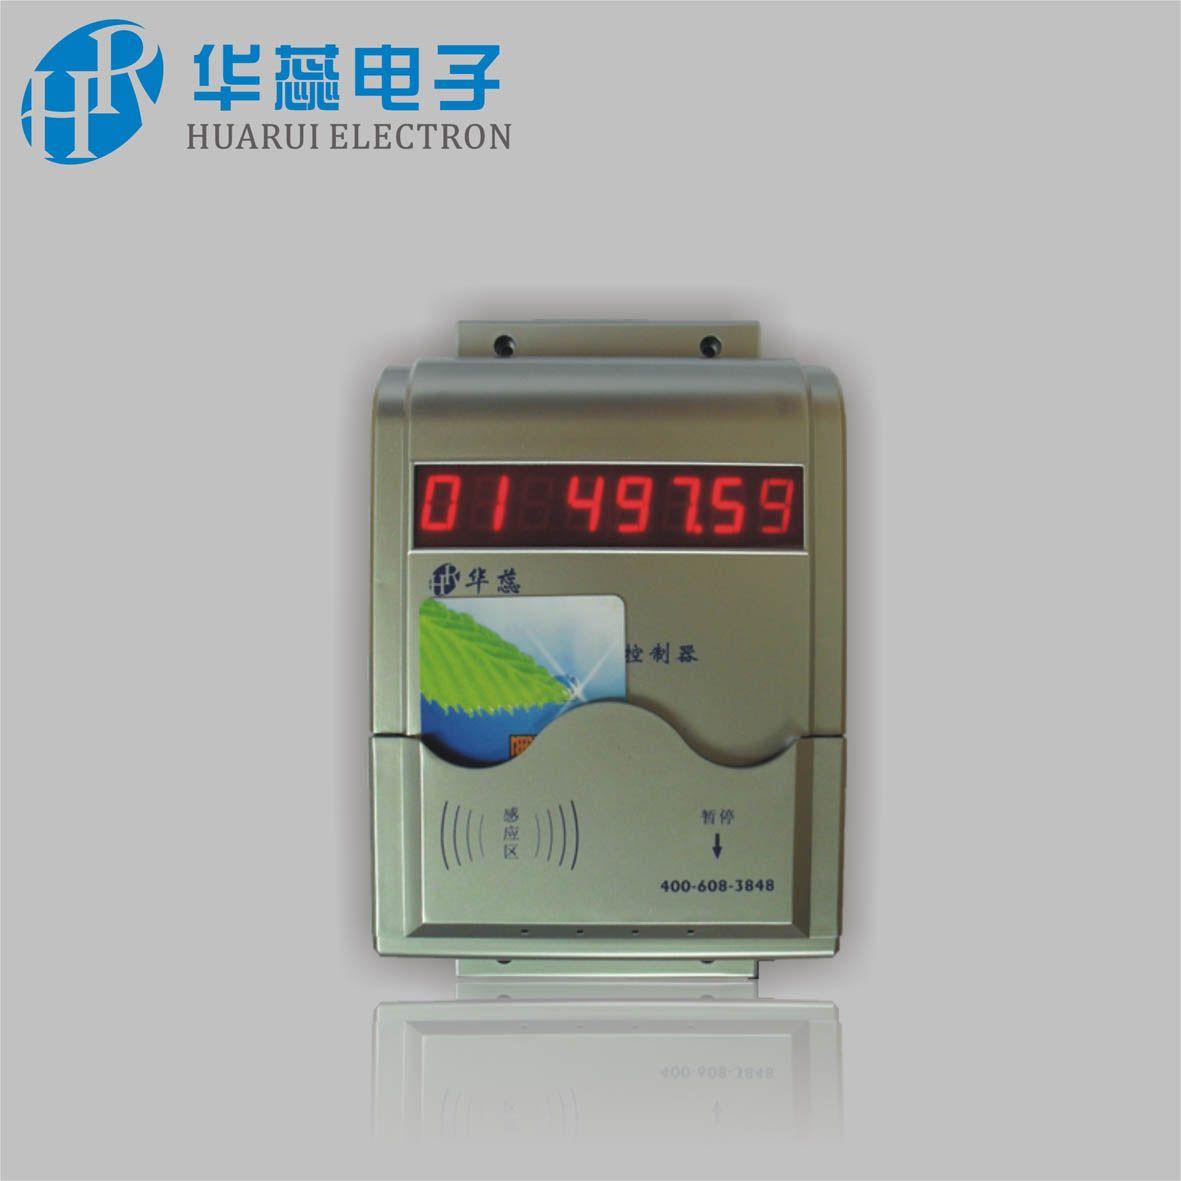 北京公寓淋浴水控系统热水智能消费系统热水ic卡刷卡器